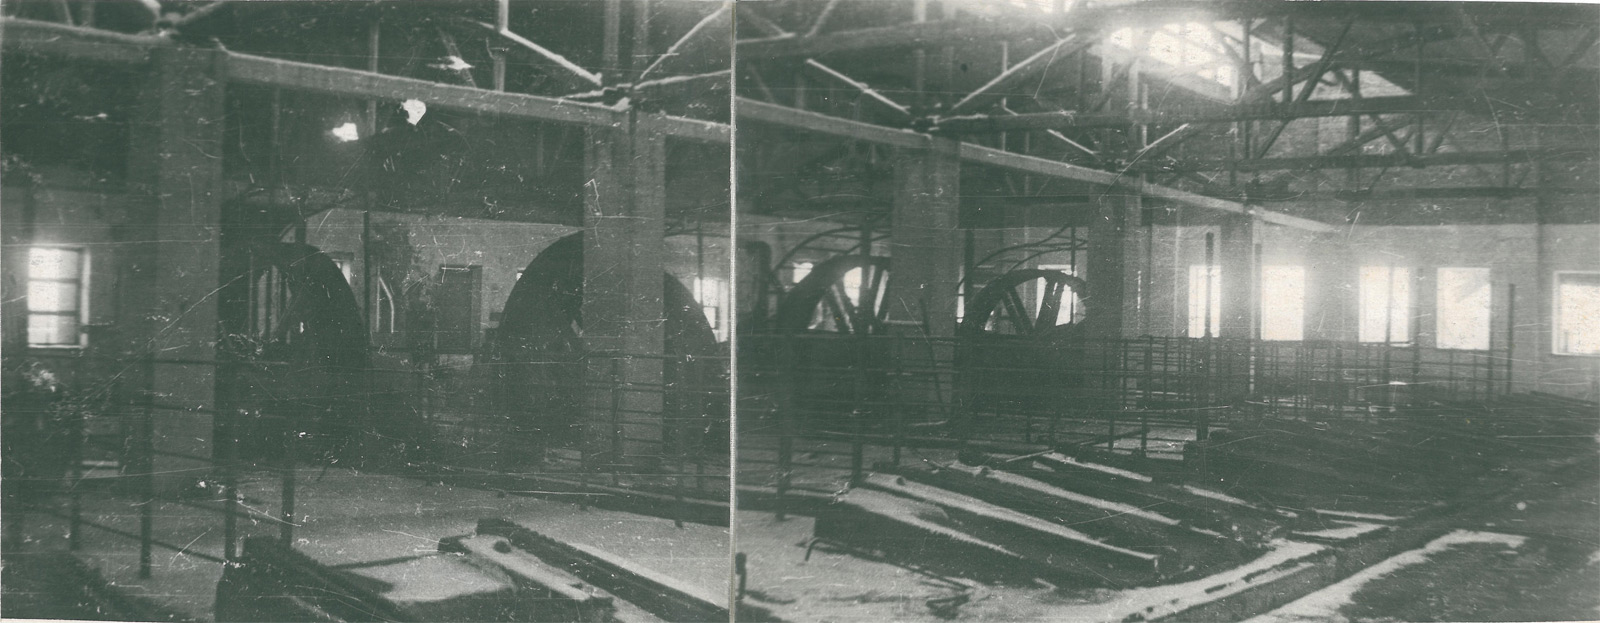 Строительство № 1 НКПС в Киеве